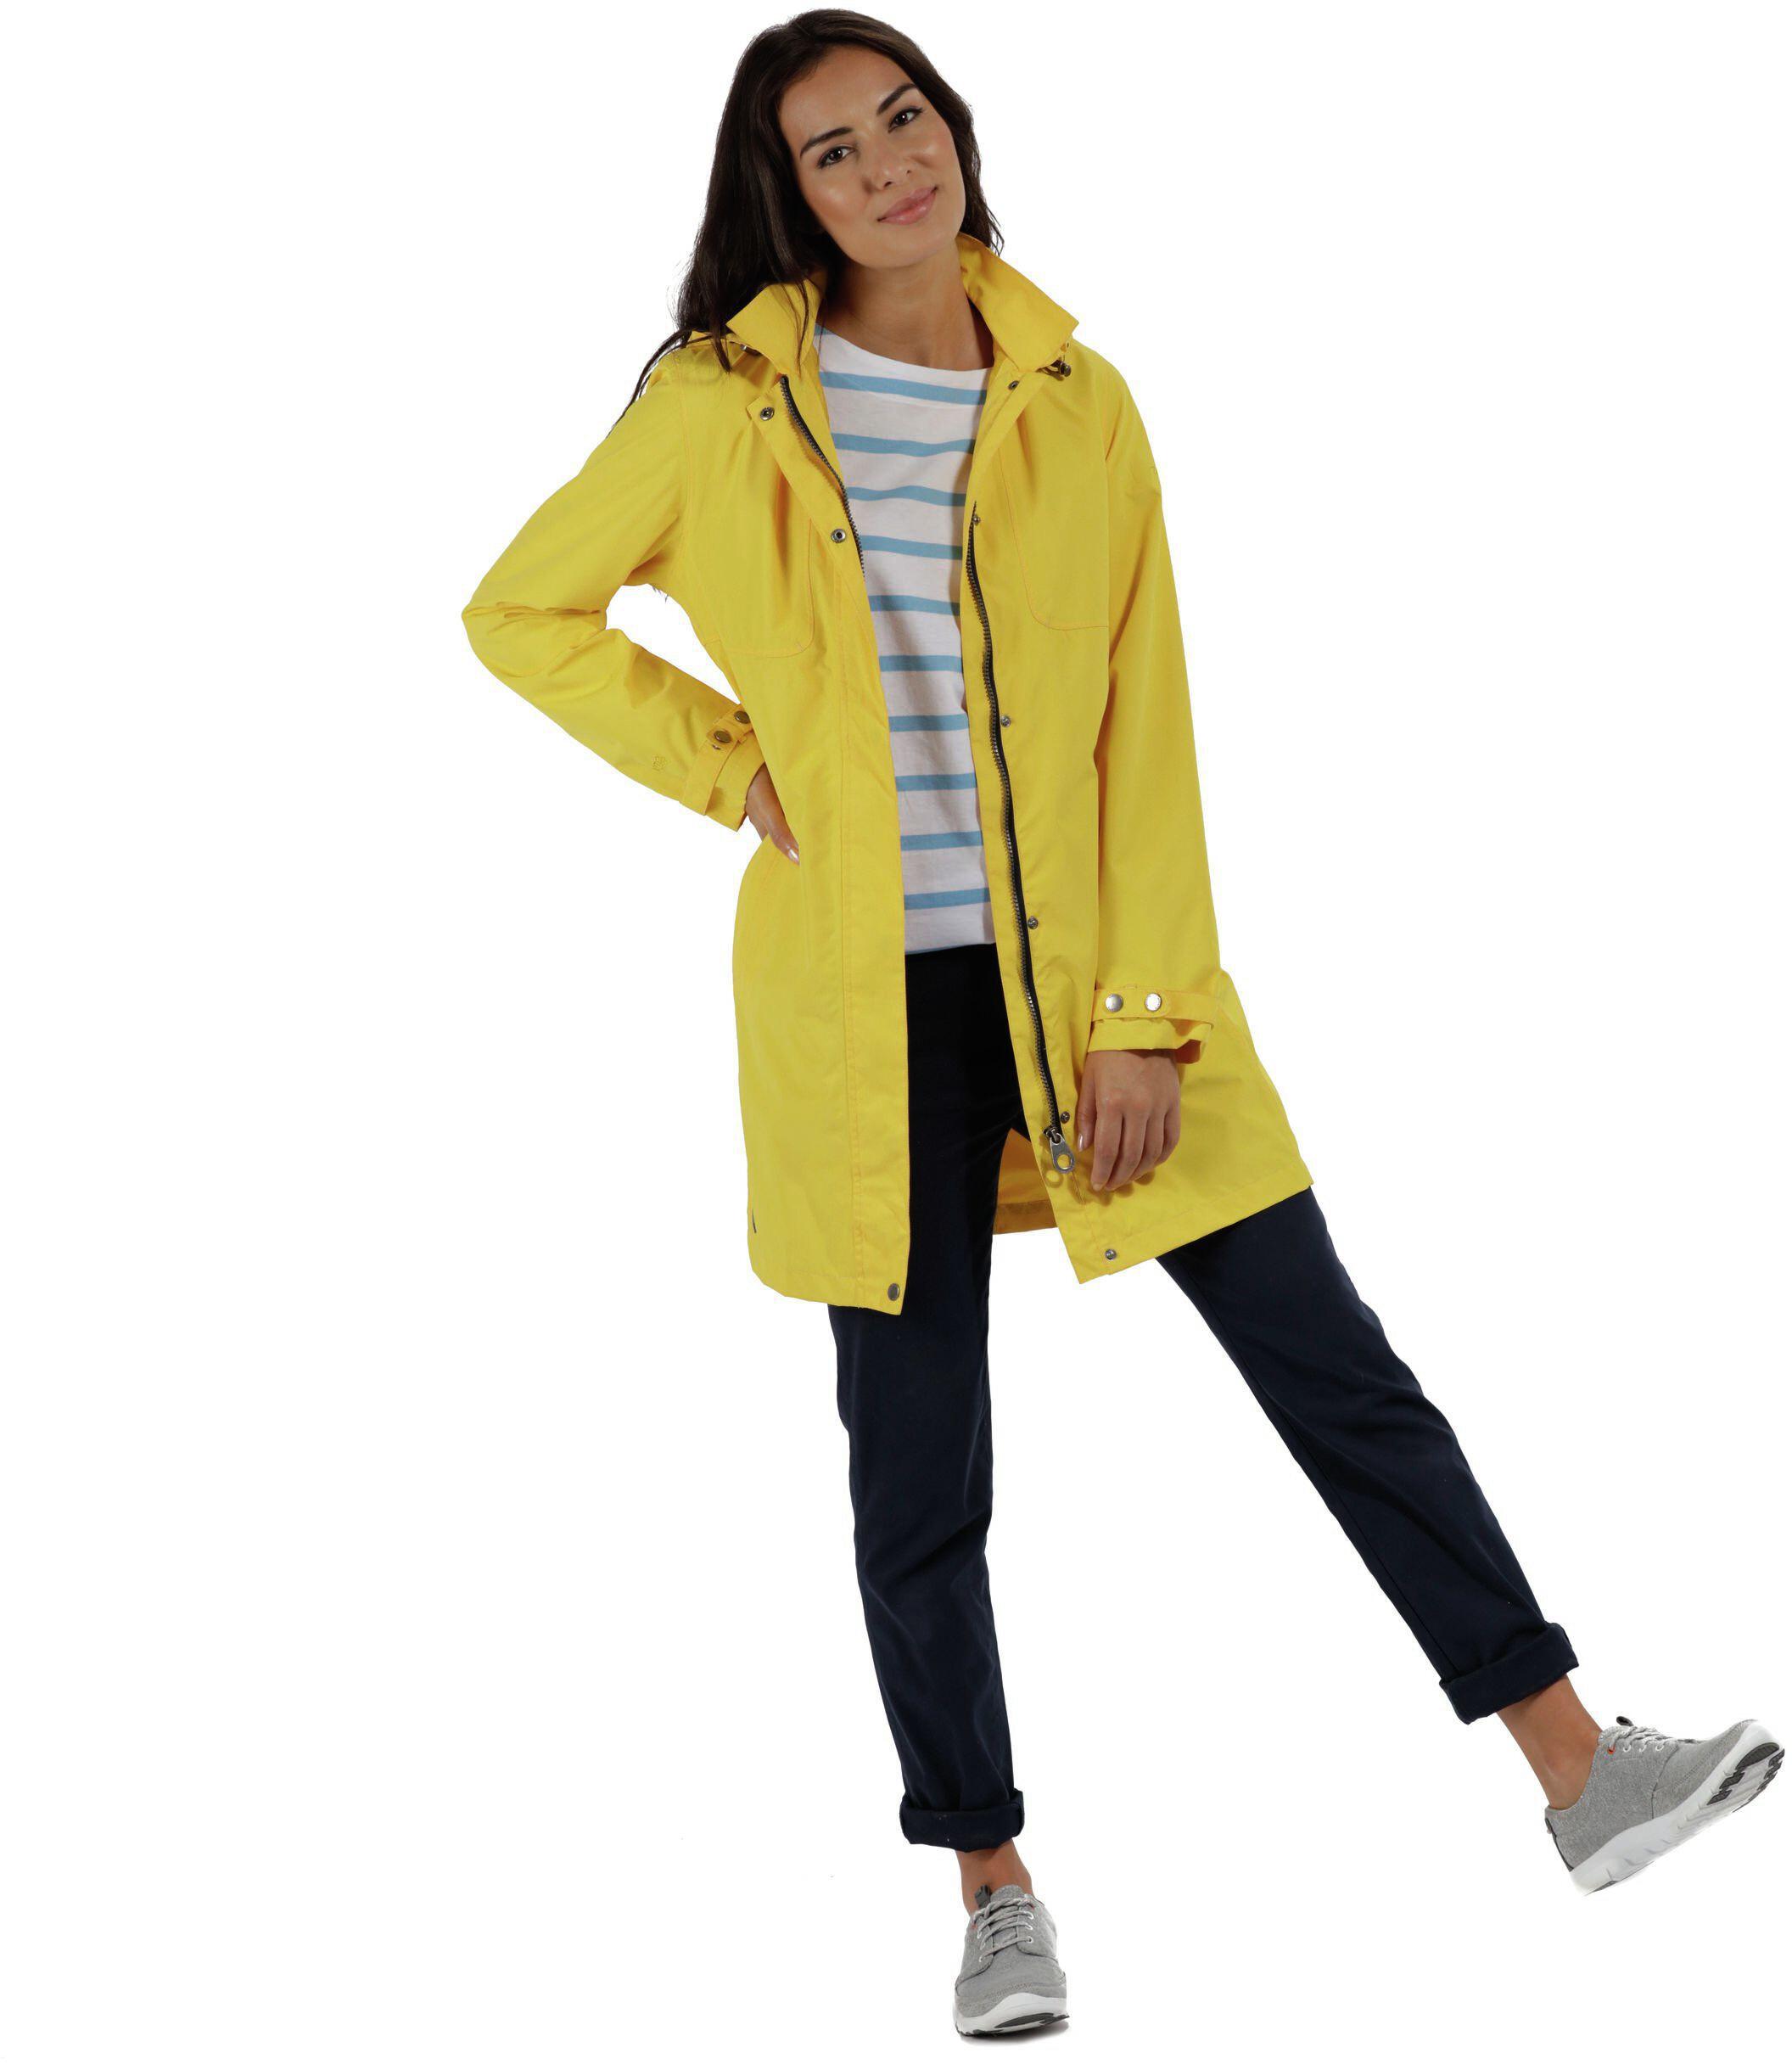 Regatta Gracelynn - Veste Femme - jaune sur CAMPZ ! 202672037971